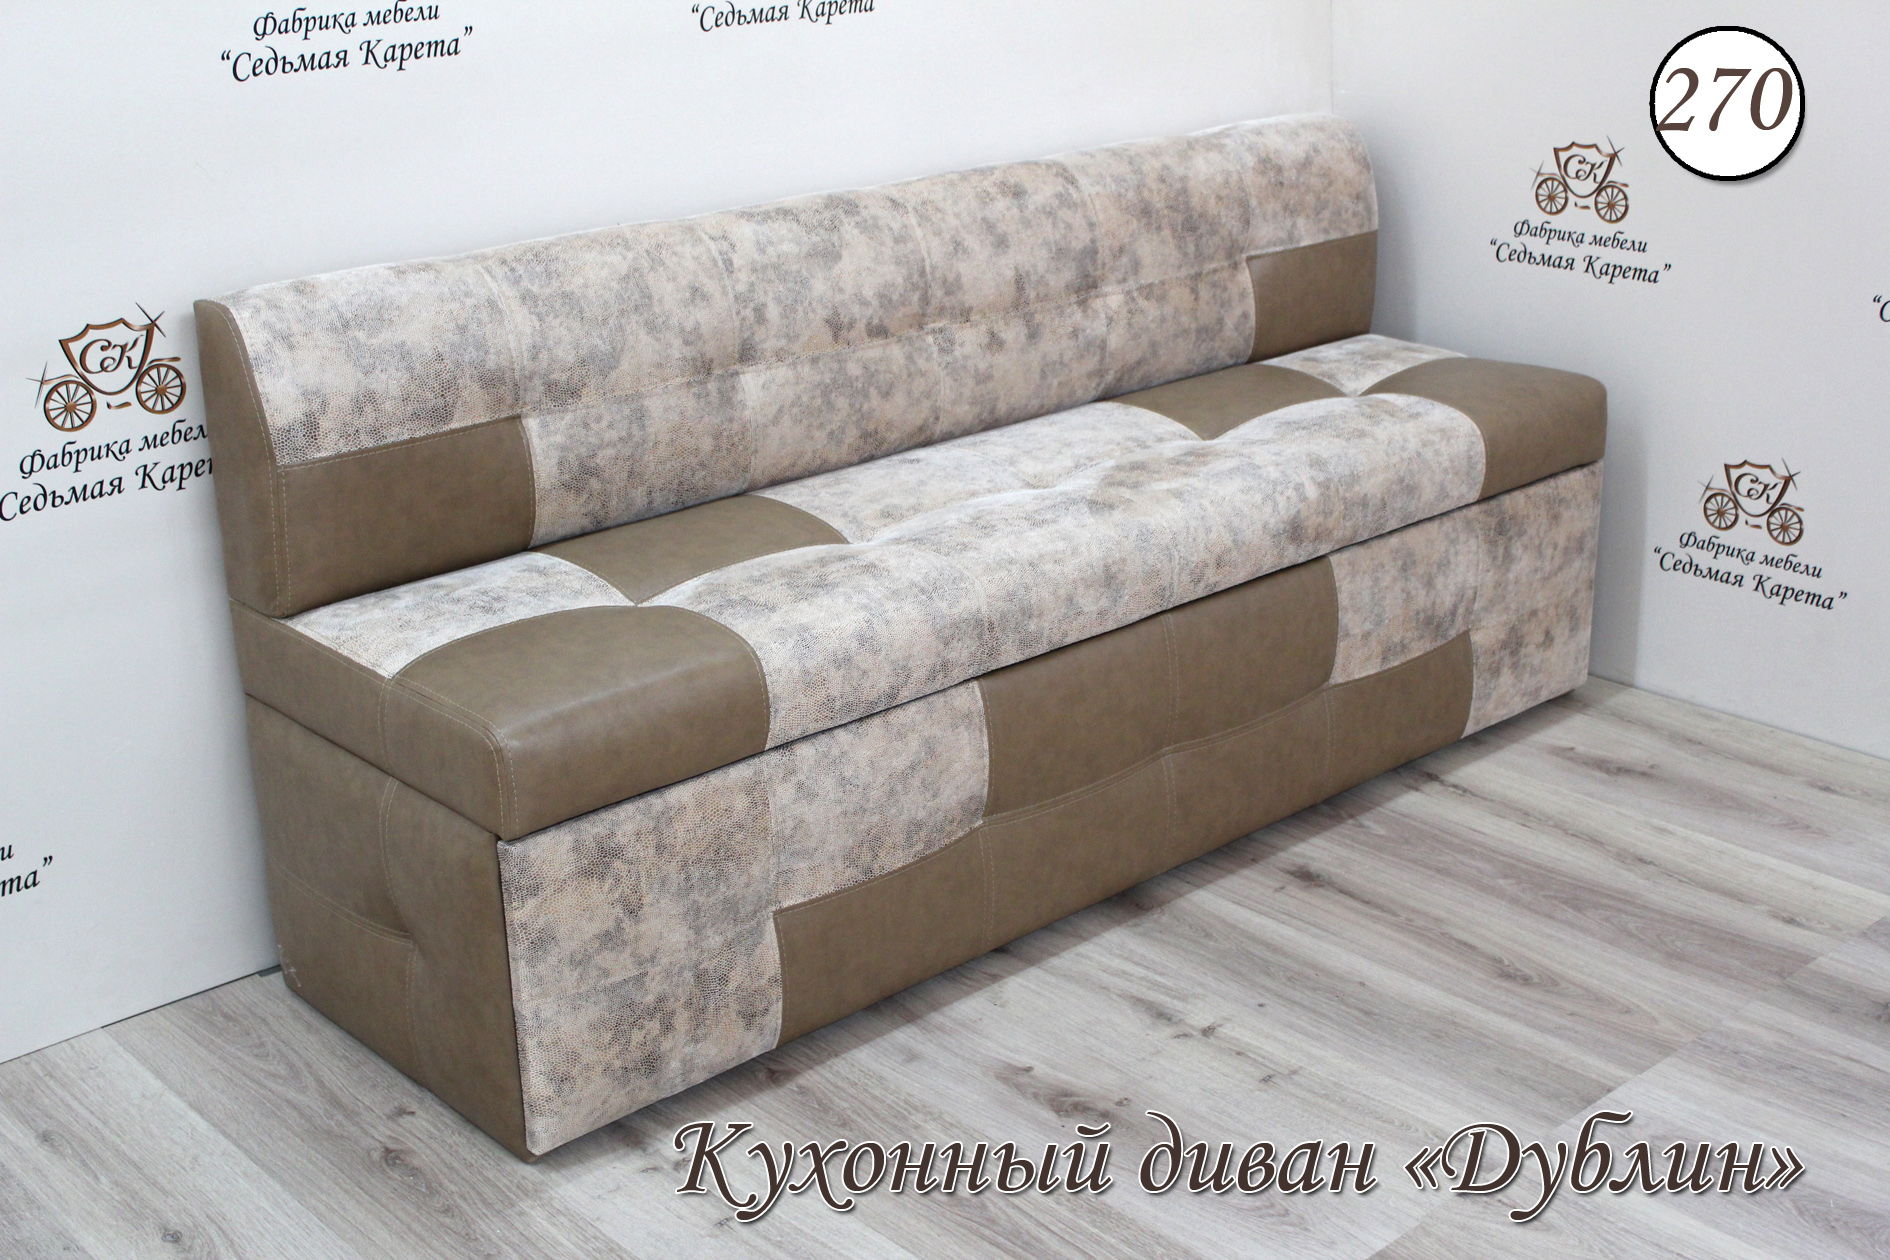 Кухонный диван Дублин-270 кухонный диван дублин